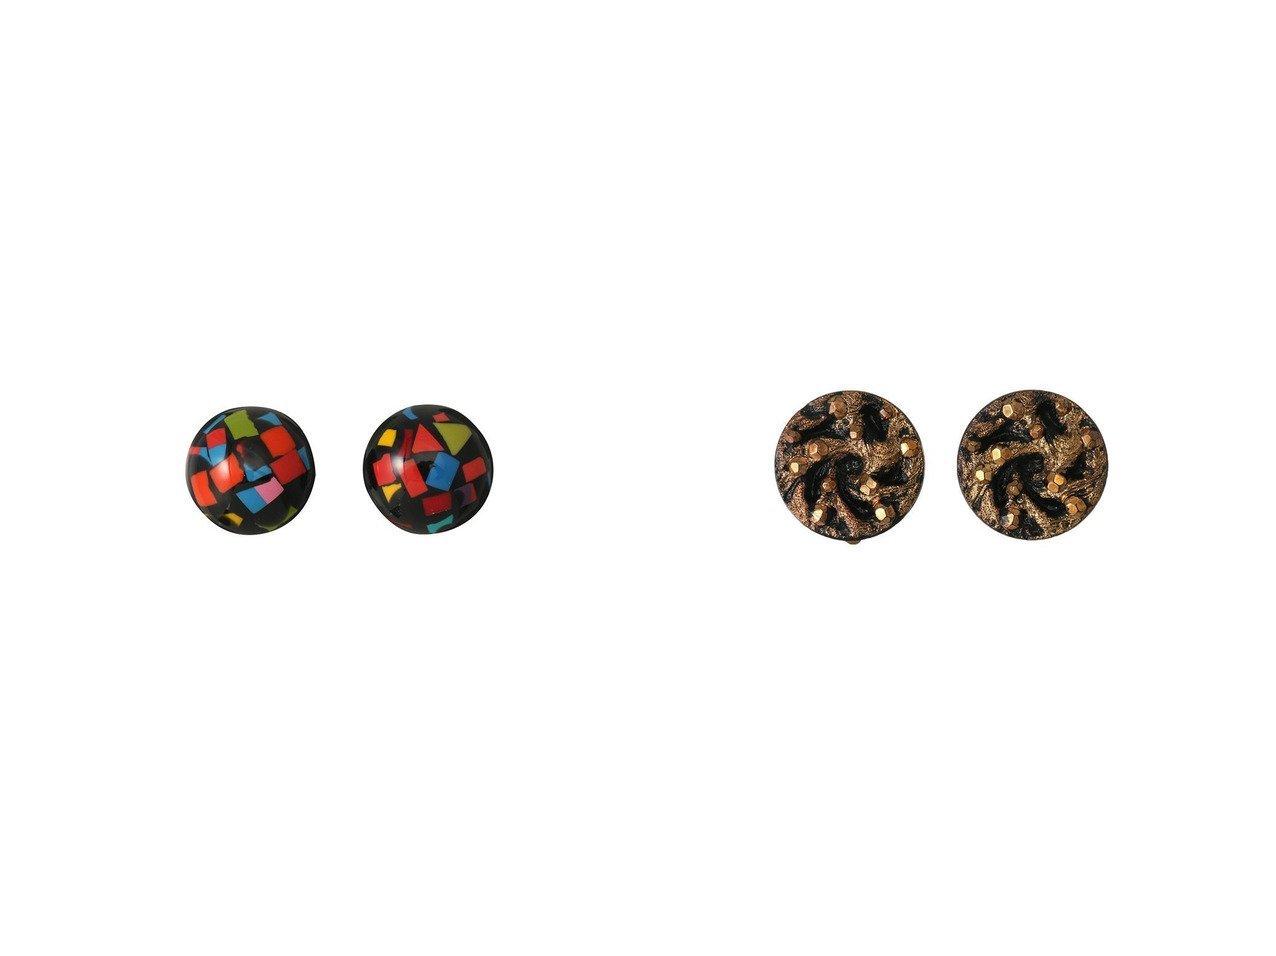 【allureville/アルアバイル】の【MARION GODART】 MULTI イヤリング&【MARION GODART】 LEOPARD イヤリング アクセサリー・ジュエリーのおすすめ!人気、レディースファッションの通販 おすすめで人気のファッション通販商品 インテリア・家具・キッズファッション・メンズファッション・レディースファッション・服の通販 founy(ファニー) https://founy.com/ ファッション Fashion レディース WOMEN ジュエリー Jewelry リング Rings イヤリング Earrings イヤリング シンプル フォルム パーティ ランダム レオパード 秋冬 A/W Autumn/ Winter |ID:crp329100000003814